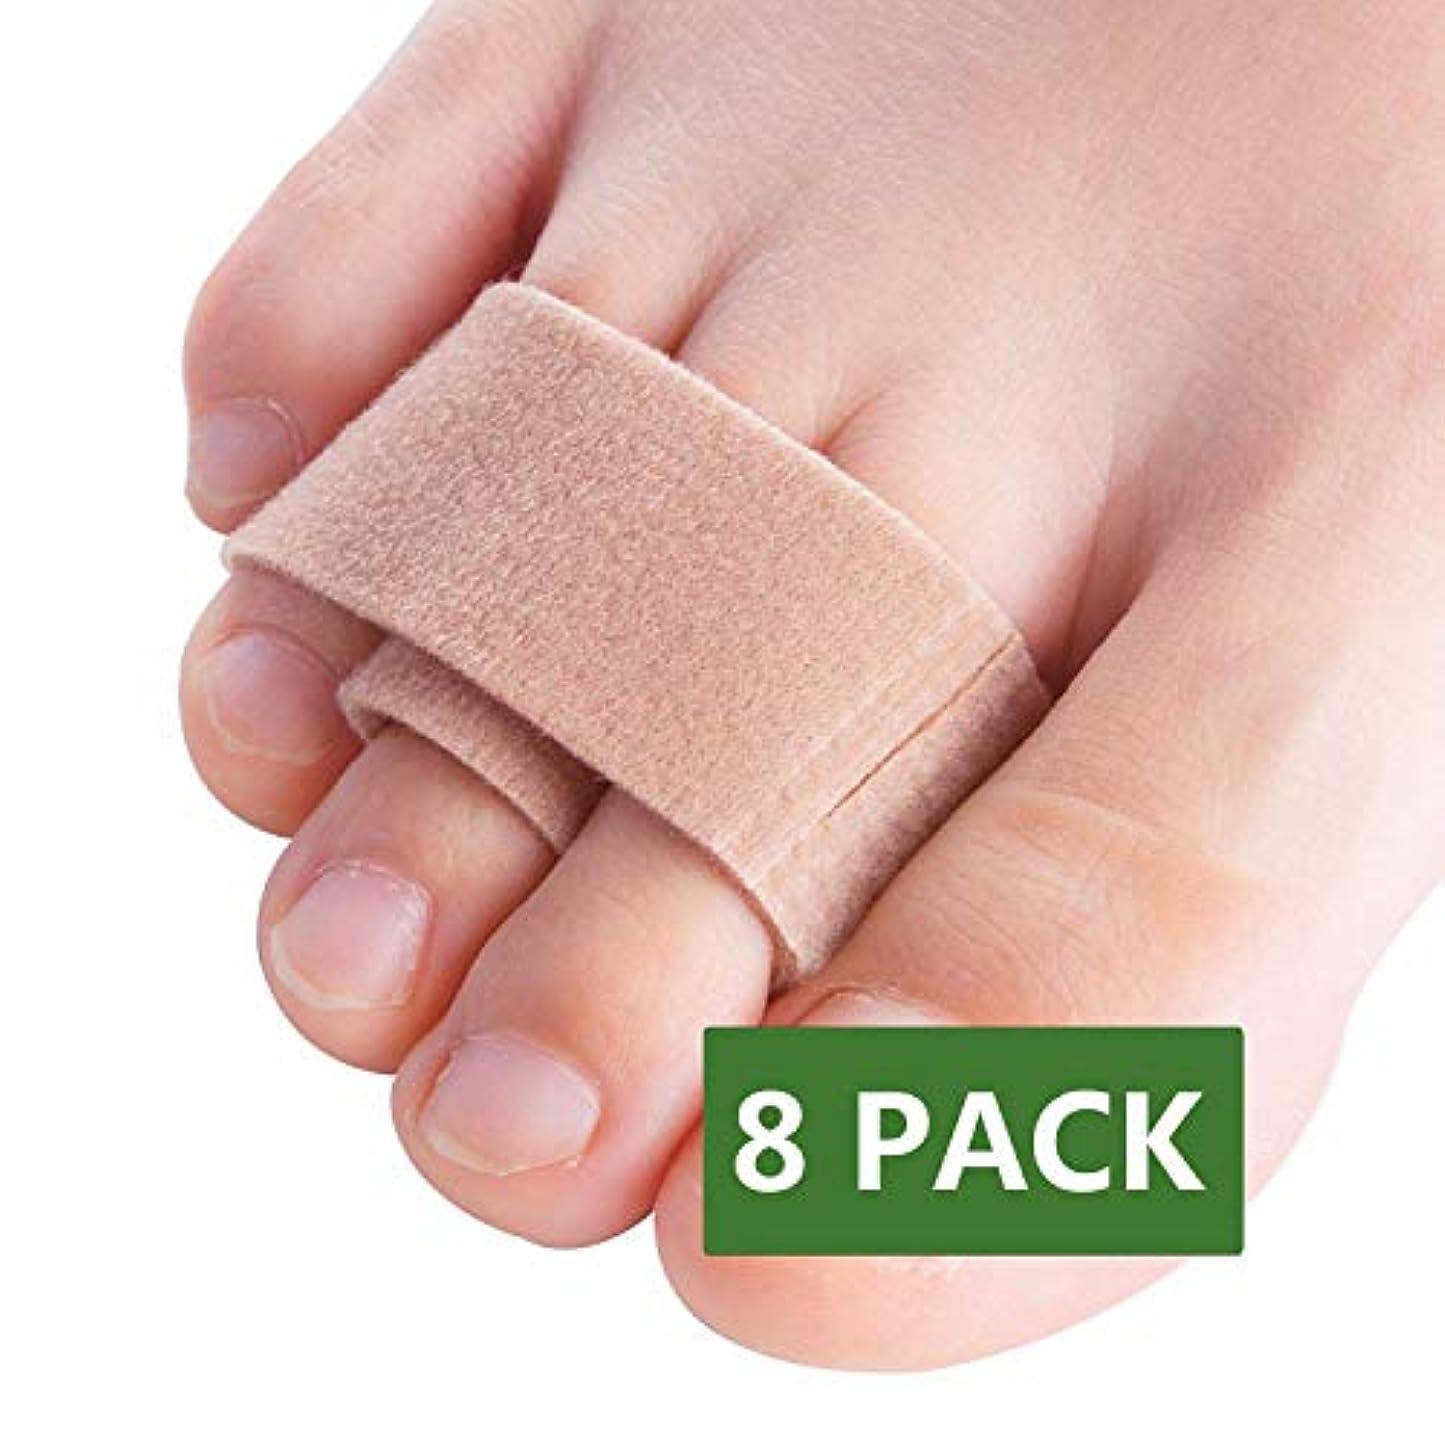 ドアミラー教育タンカーPovihome ハンマーつま先矯正テープ、つま先がスプリントを包んでハンマーのつま先を再調整8パック、重ねた足の指と曲がった足の指